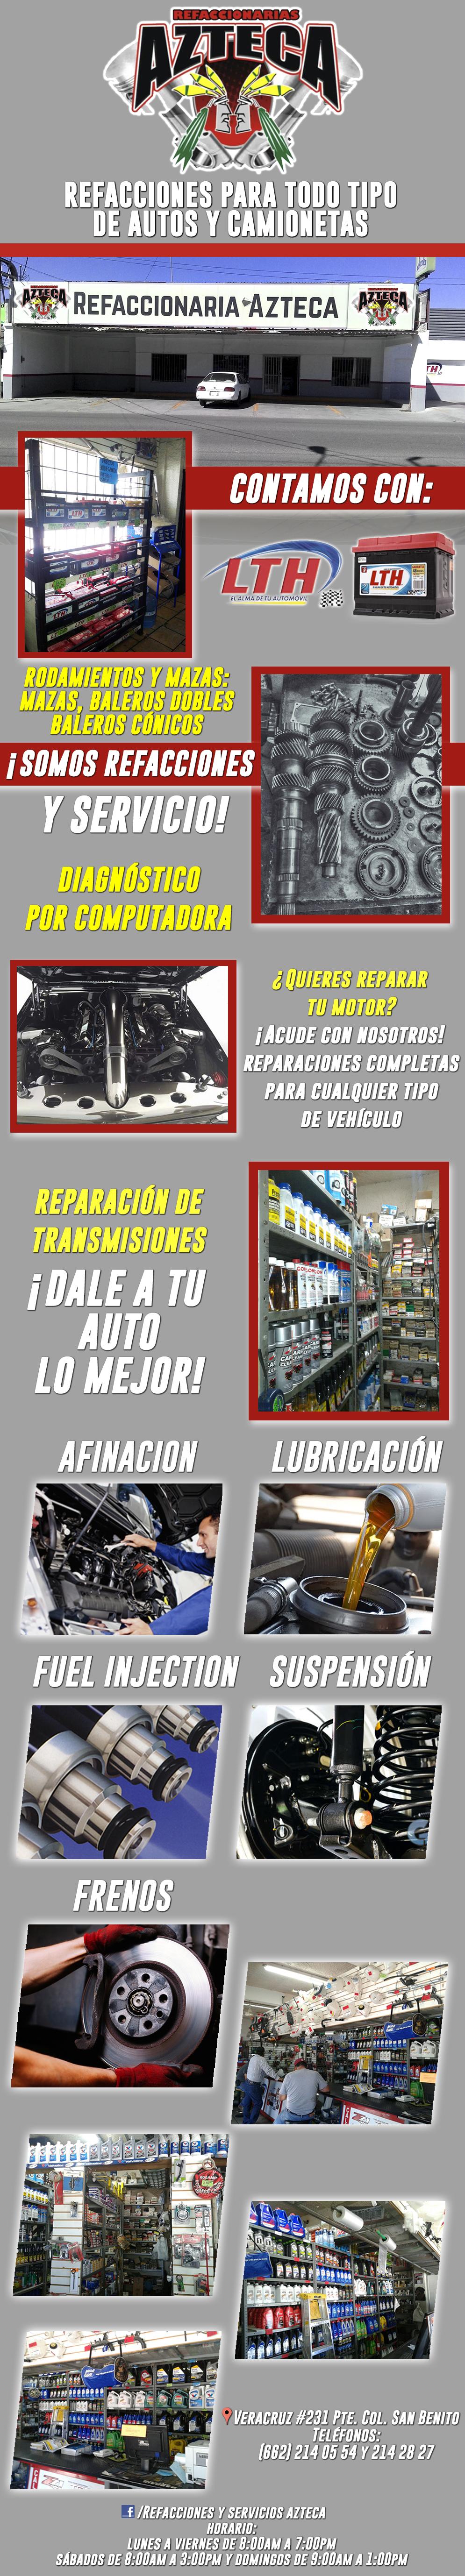 refaccionaria azteca matriz en hermosillo anunciado por